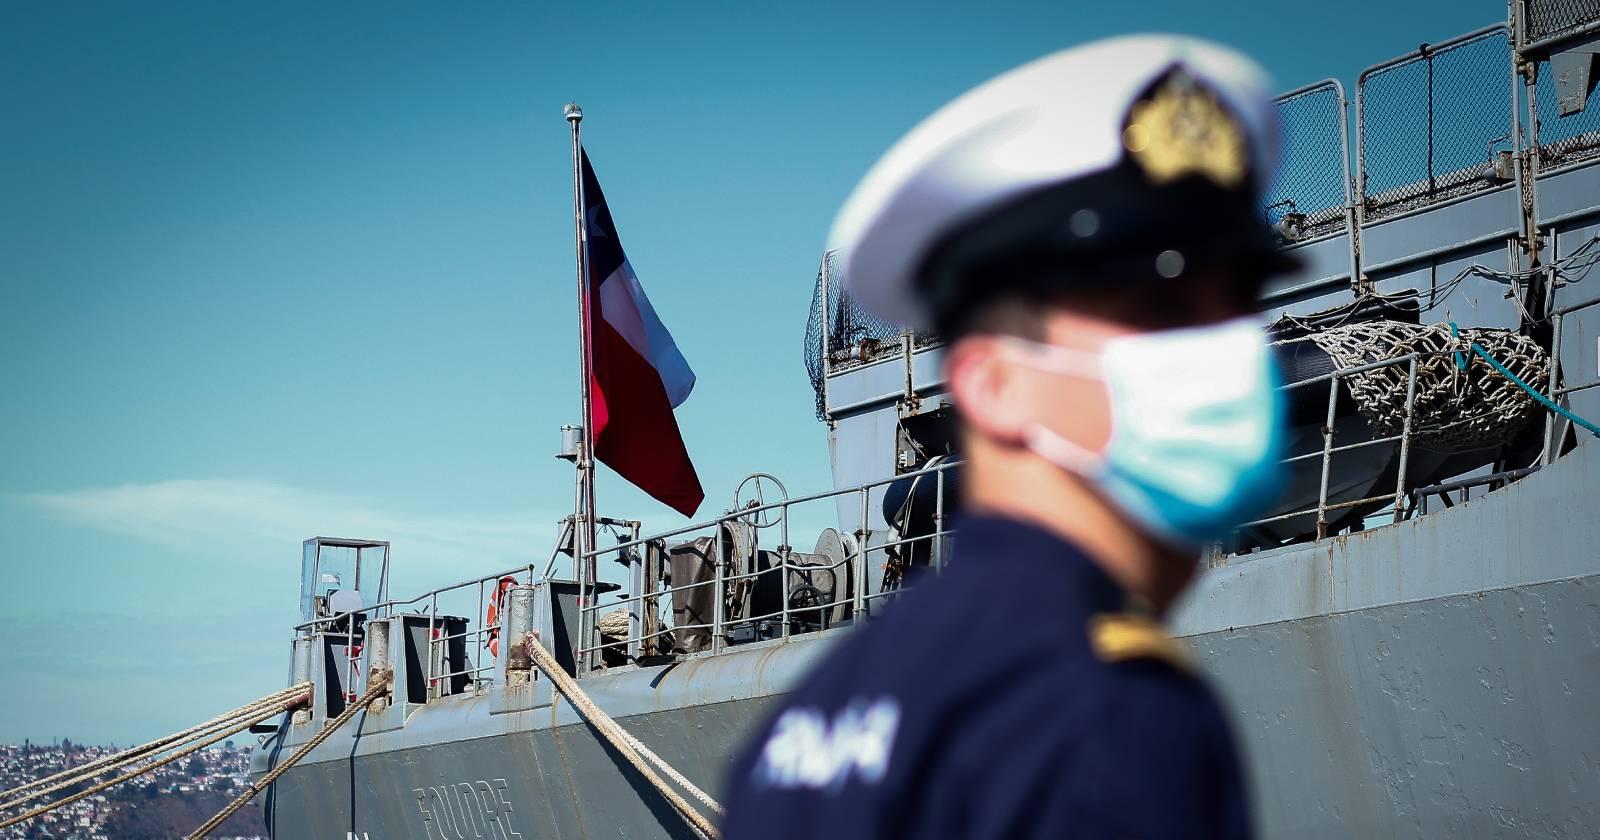 Dan de baja a marino detenido en manifestaciones